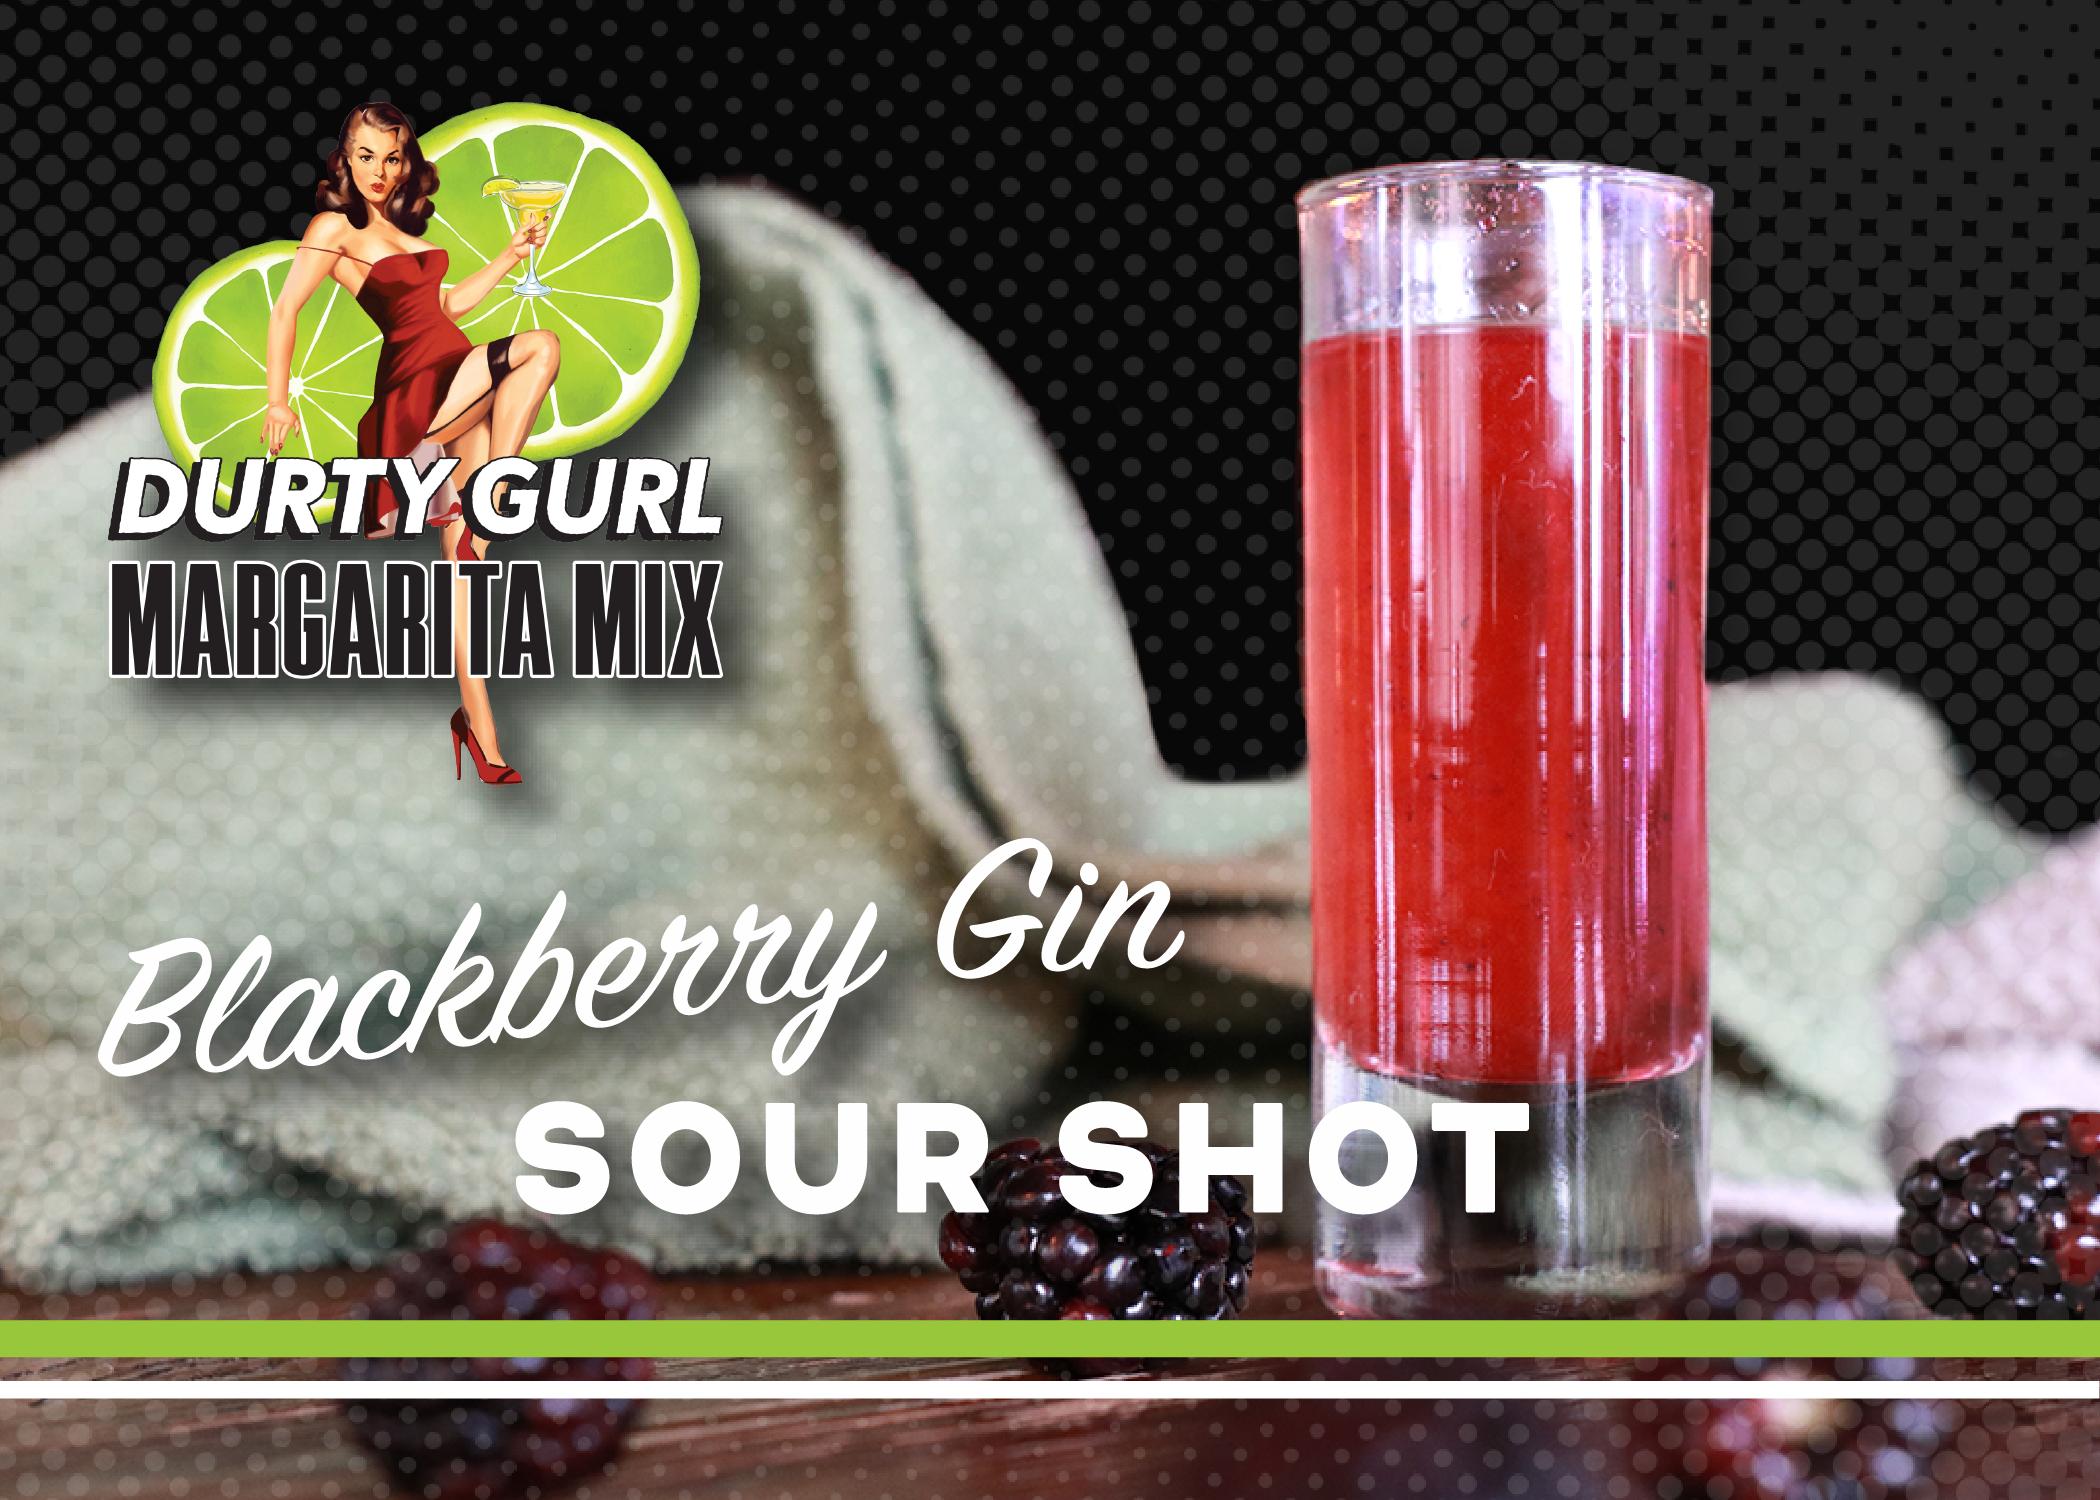 BlackberryGinSourShot-01.png